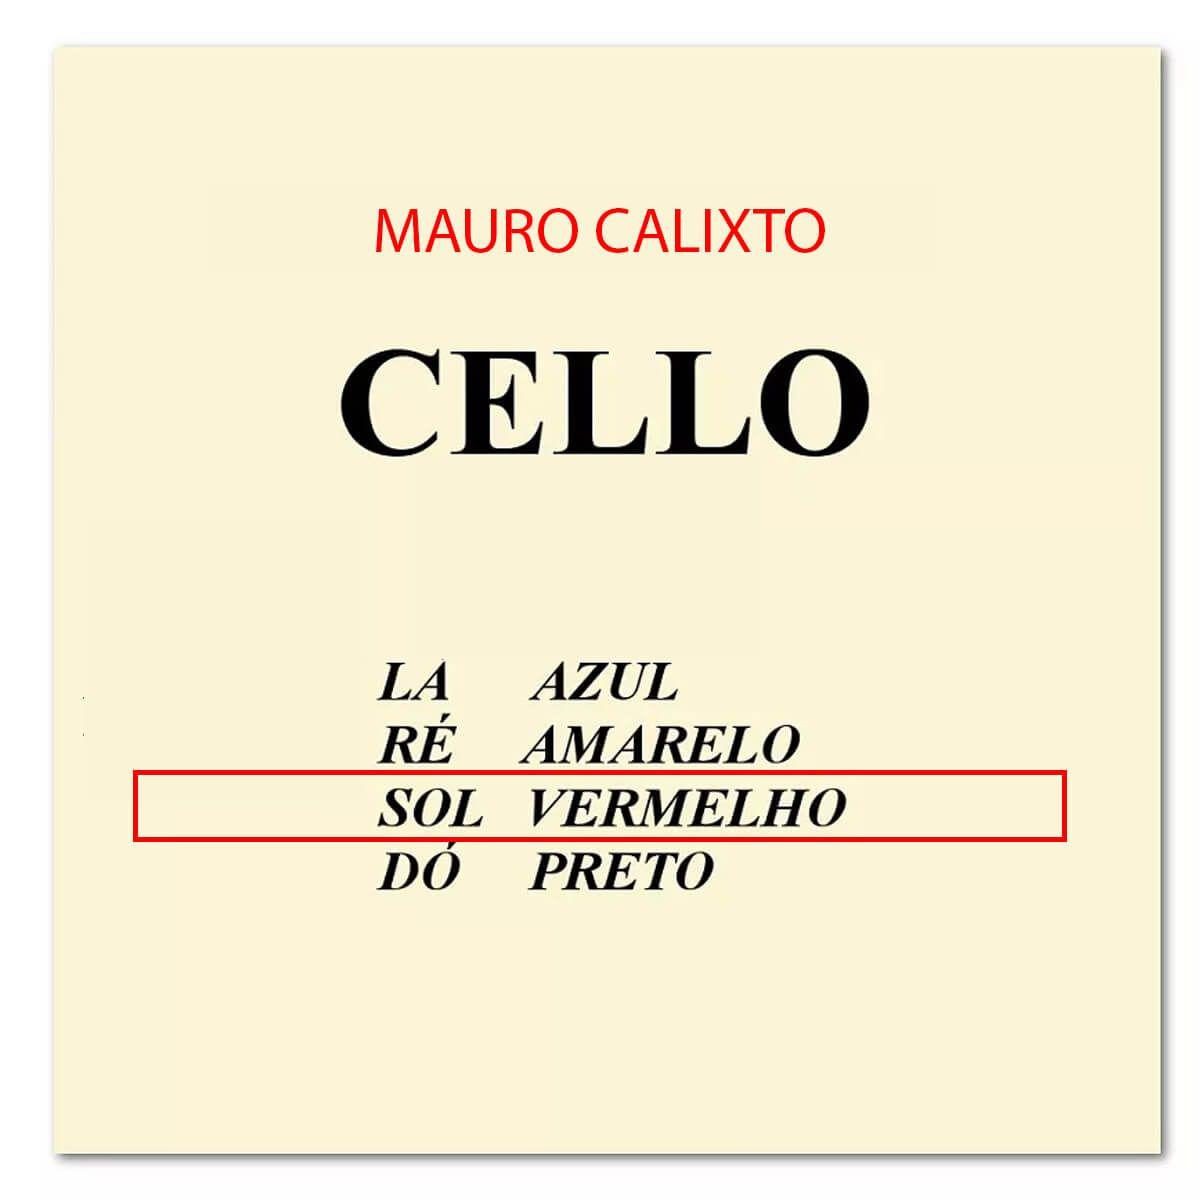 Encordoamento Para Cello - Mauro Calixto